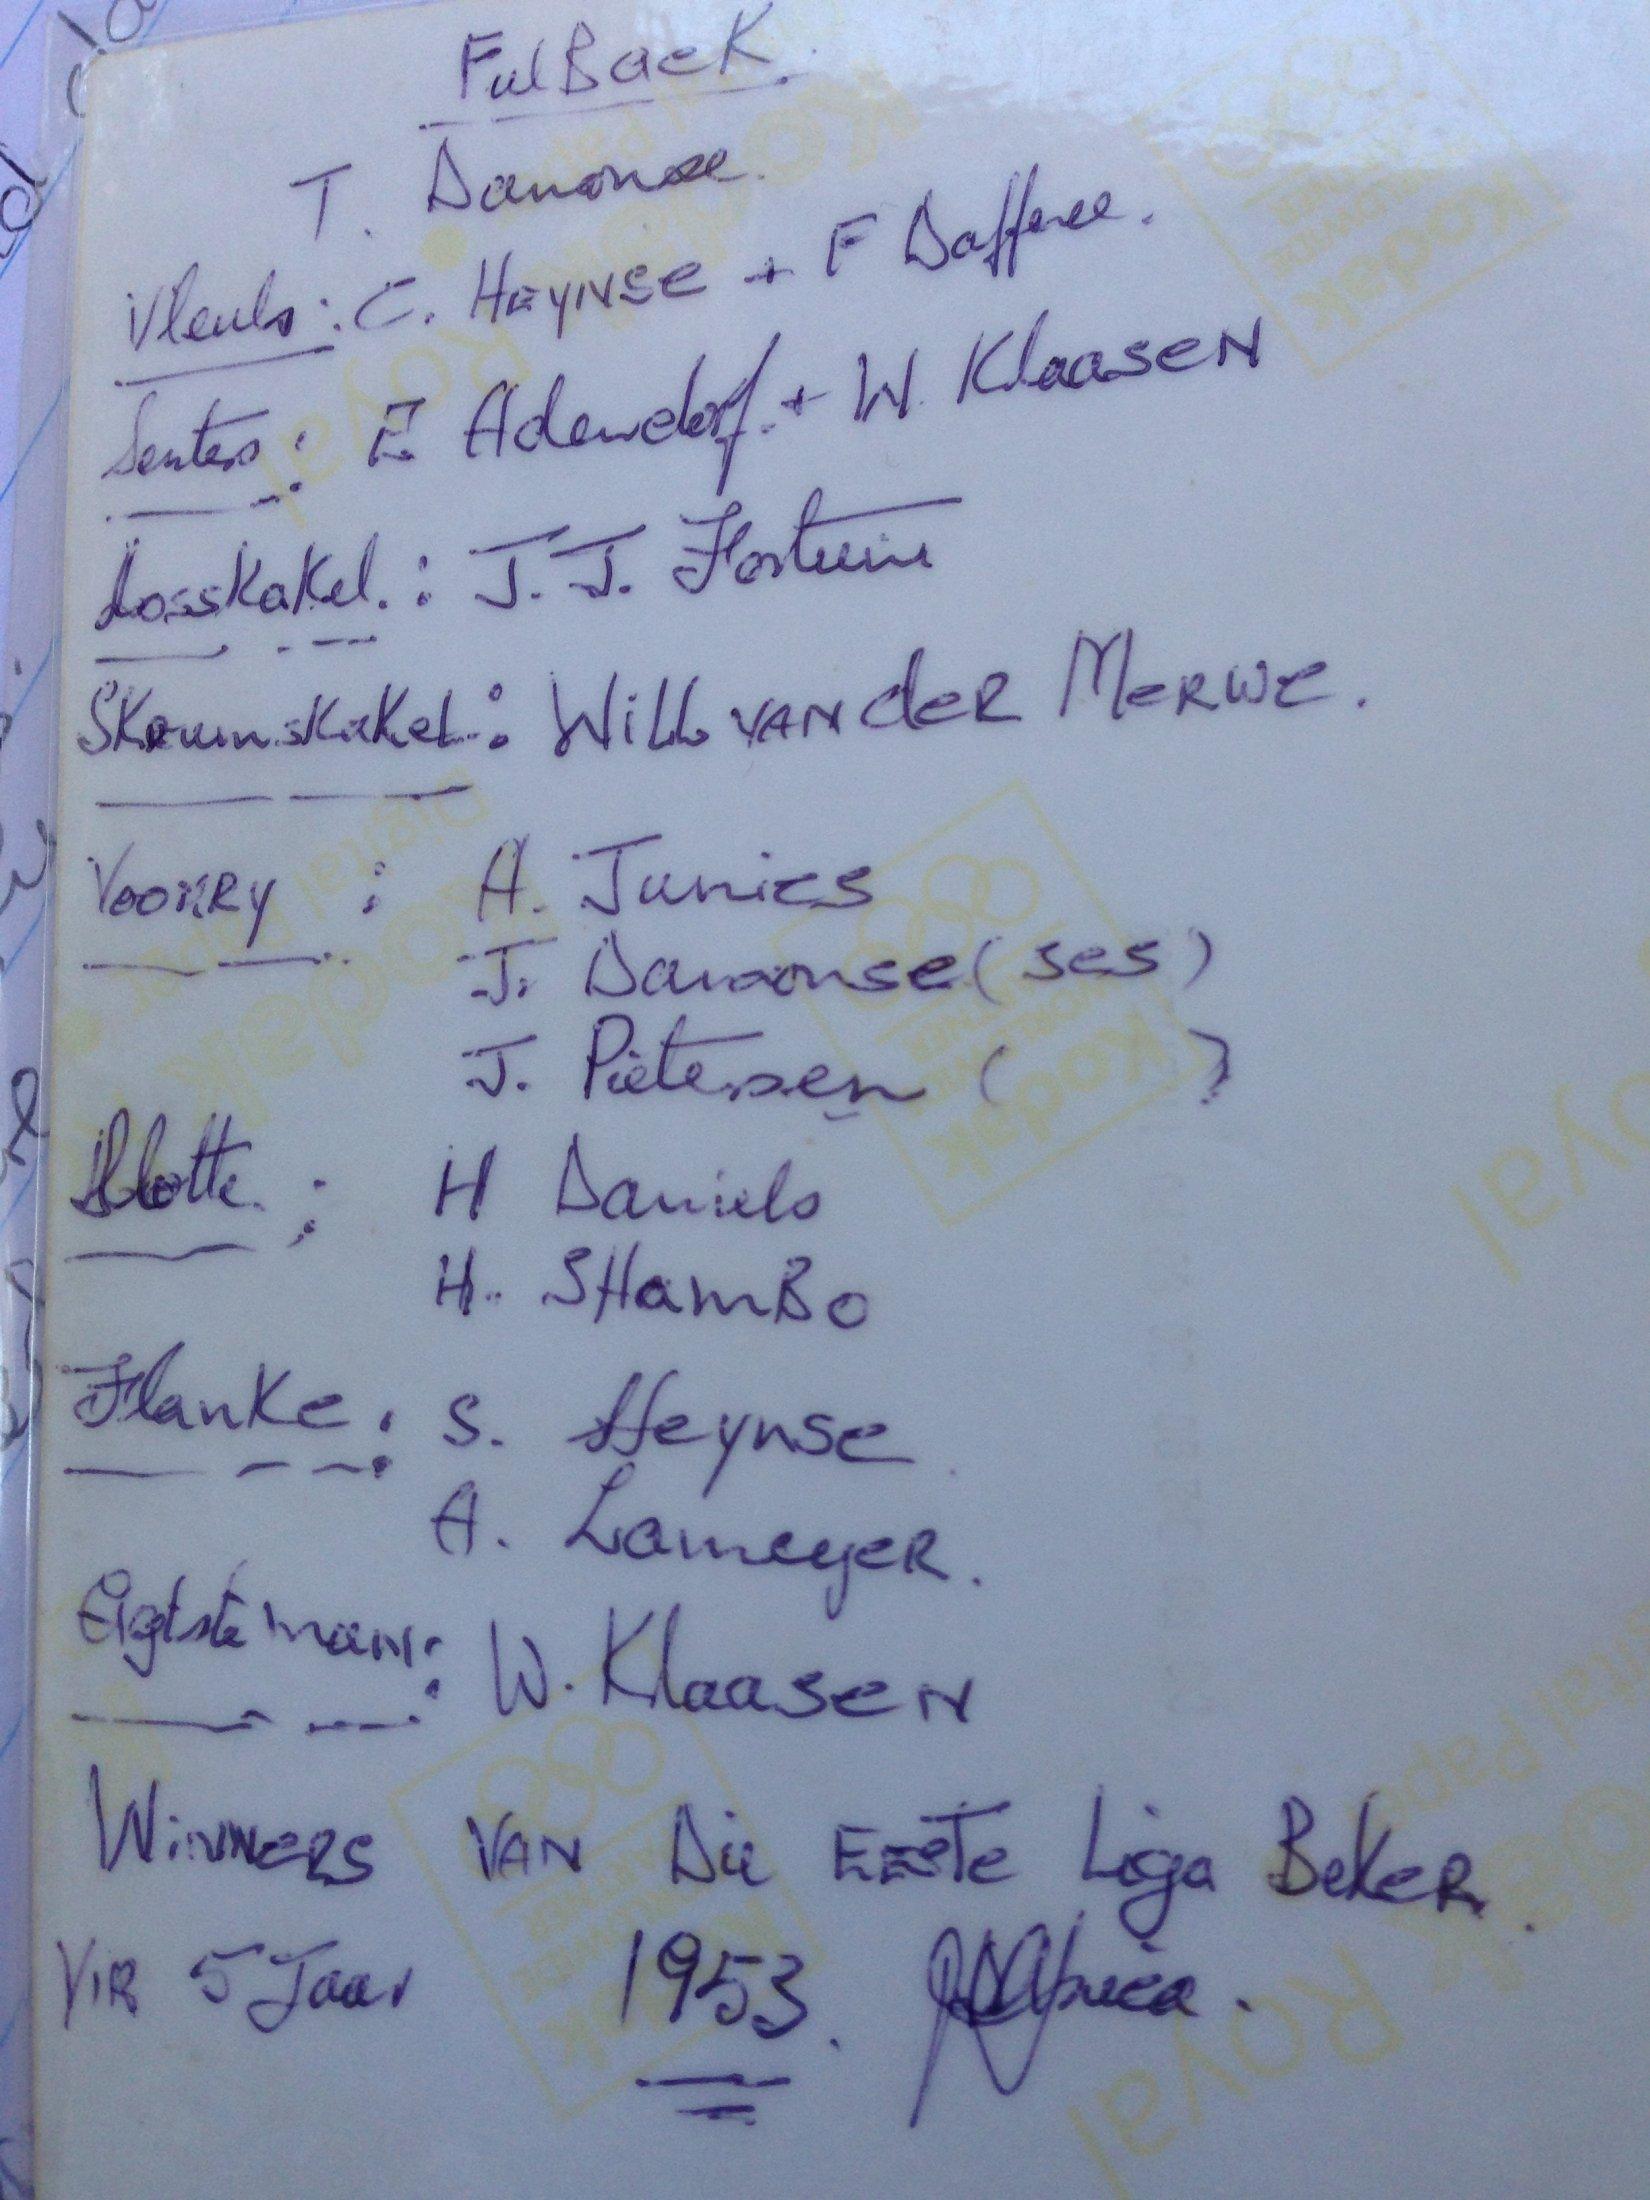 primrose rugby team names